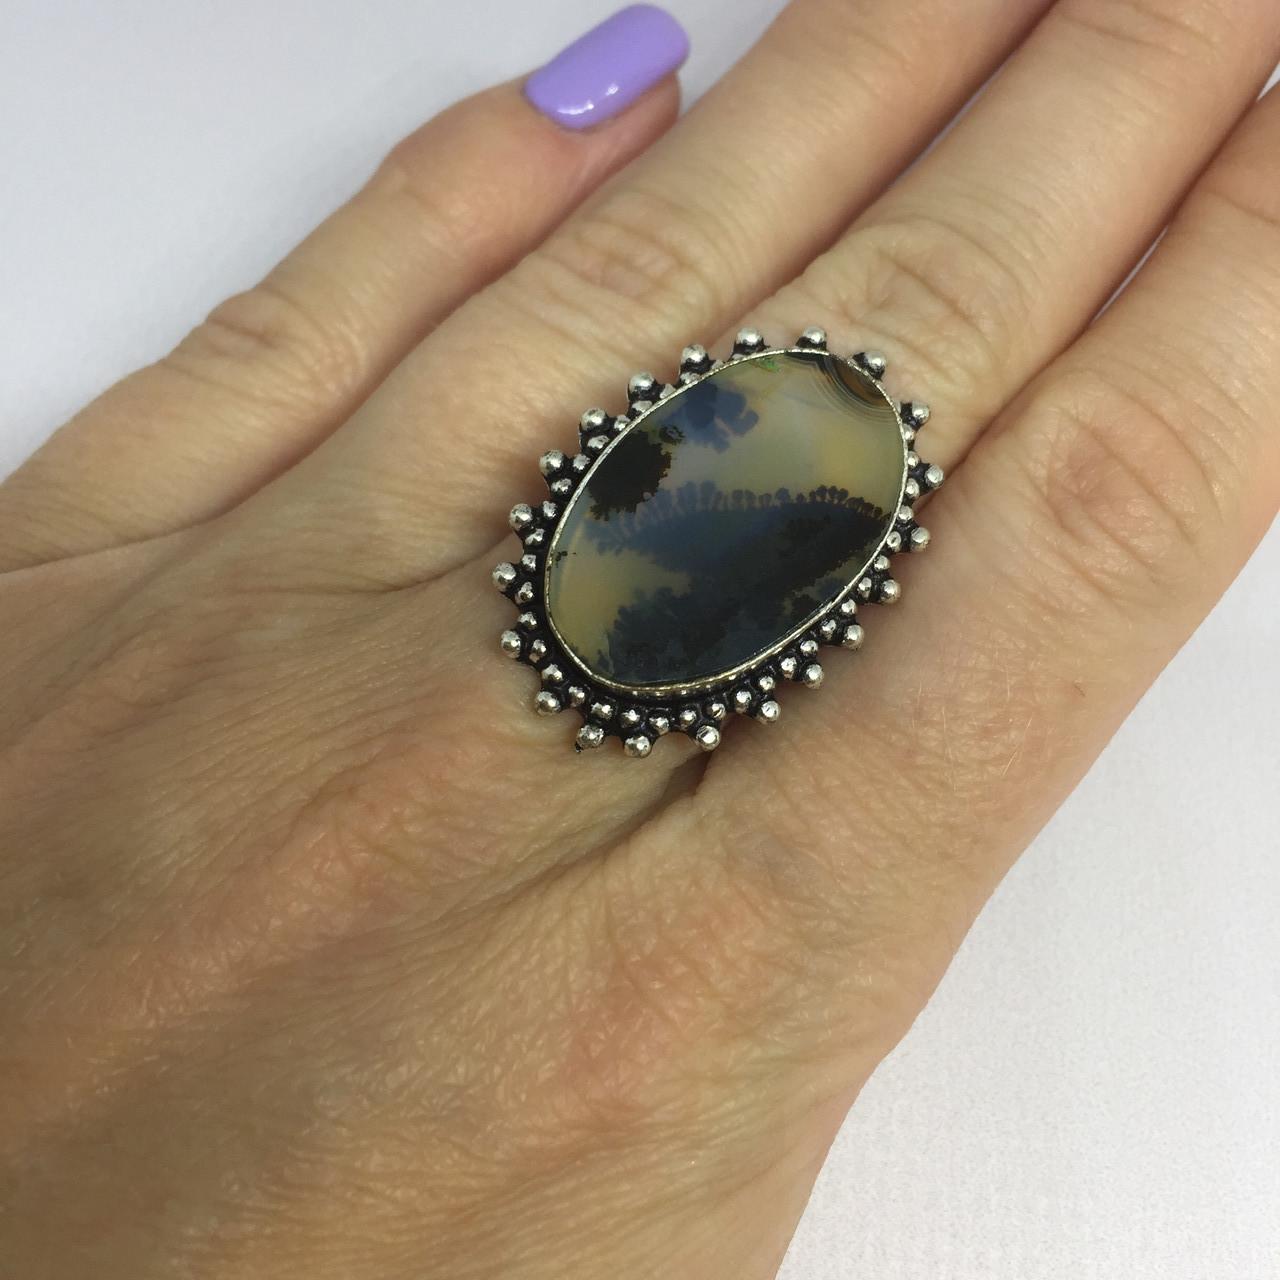 Кольцо дендро-опал красивое кольцо с дендро-опалом в серебре размер 16,5 Индия